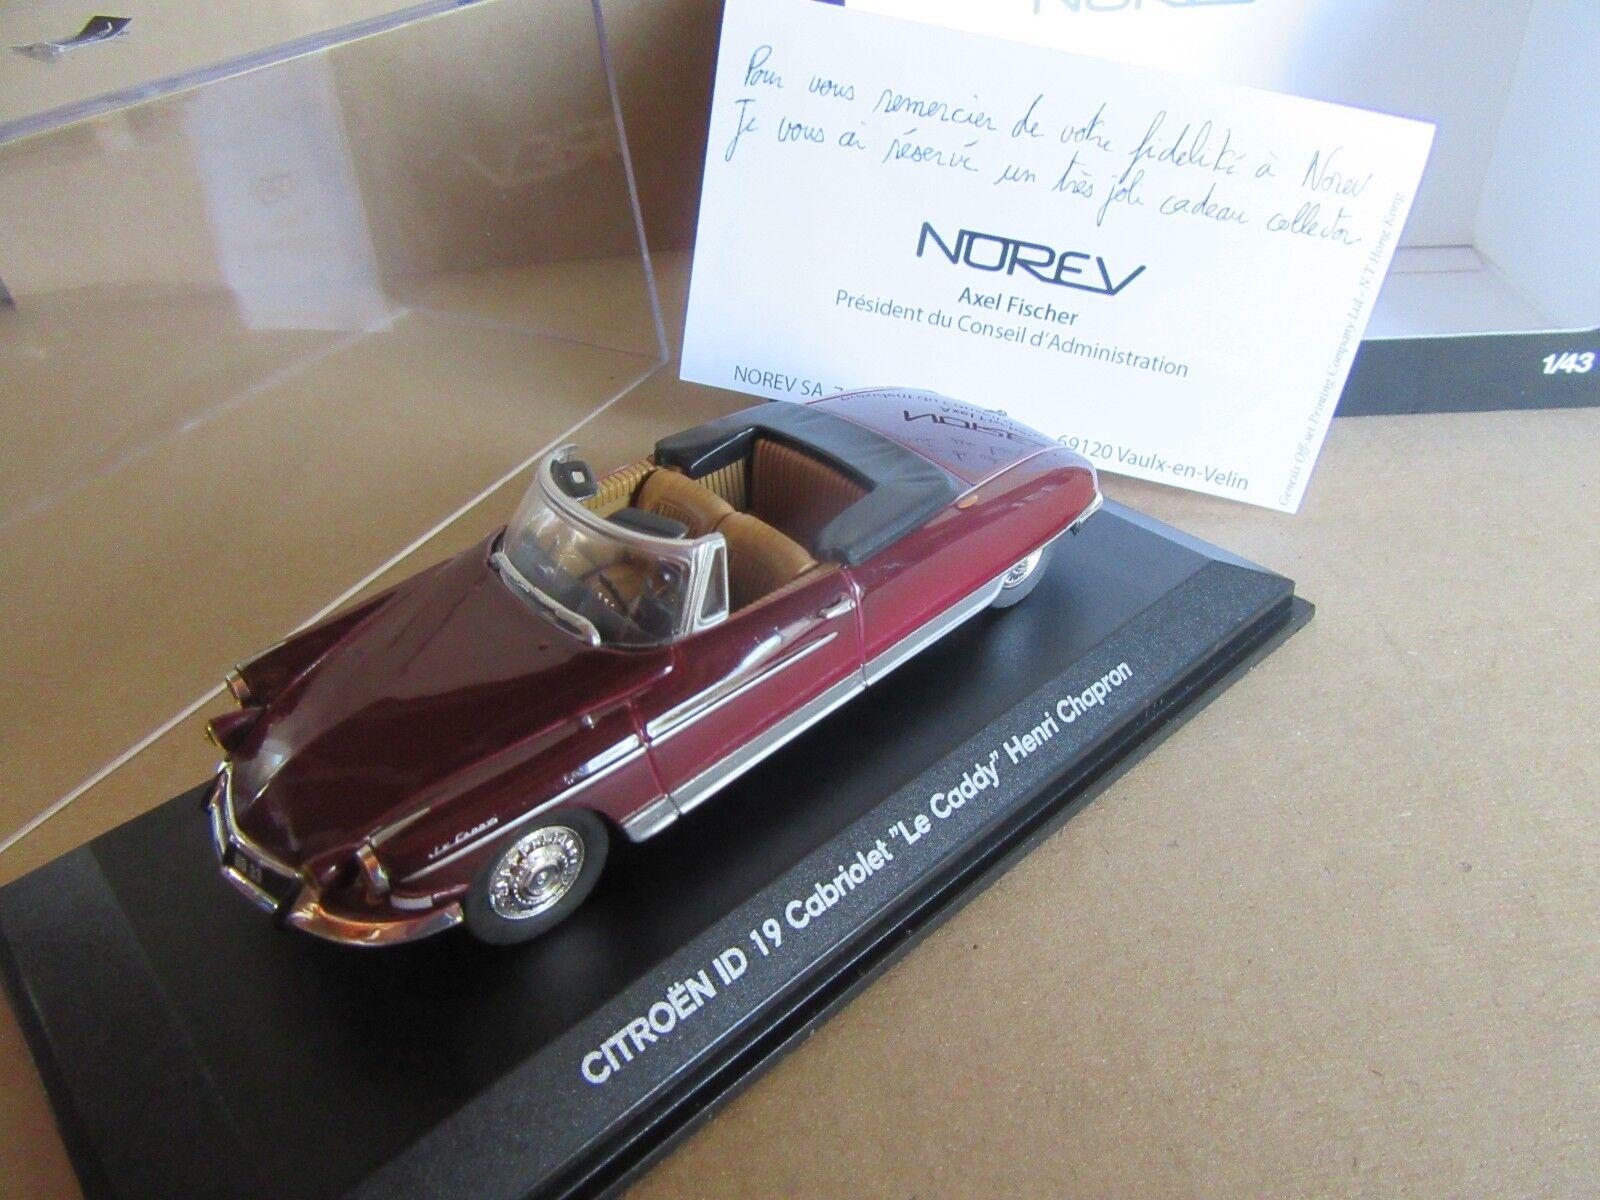 892G Norev 157036 Citroën ID 19 Le dy H. Chapron 1 43